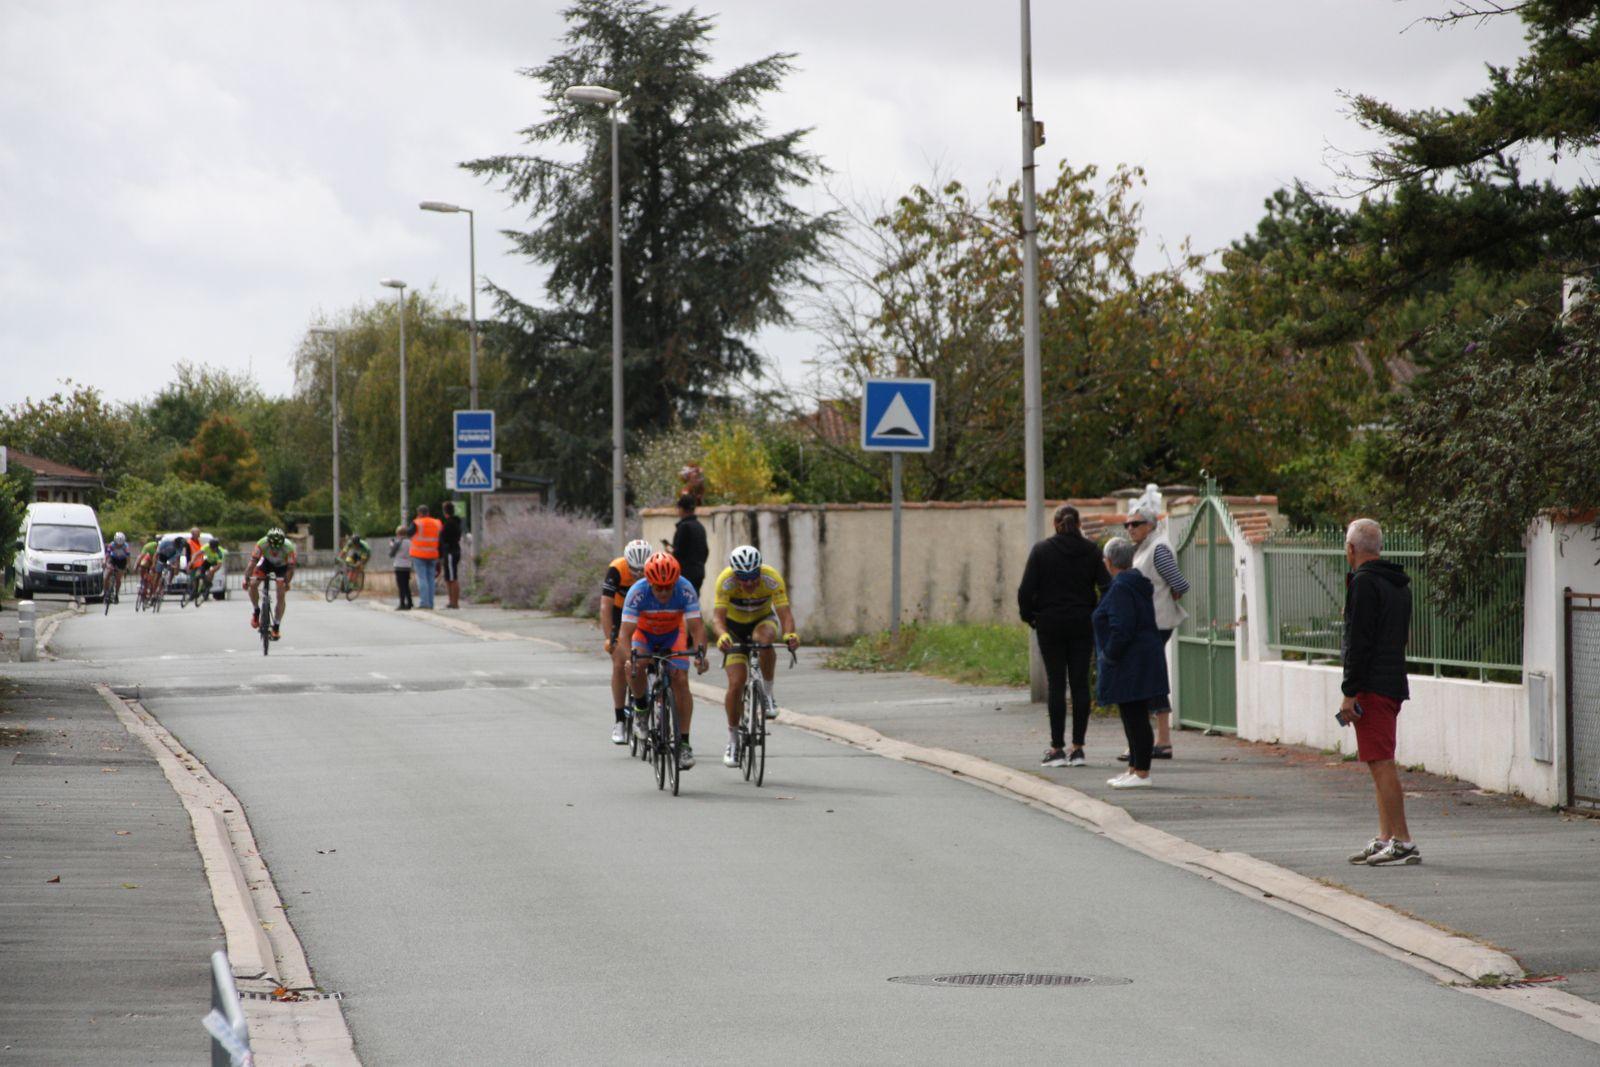 Sortie  à  3  Pierre  BEGUIER, Christophe  DAVIAUD  et  Patrice  BOUILLER